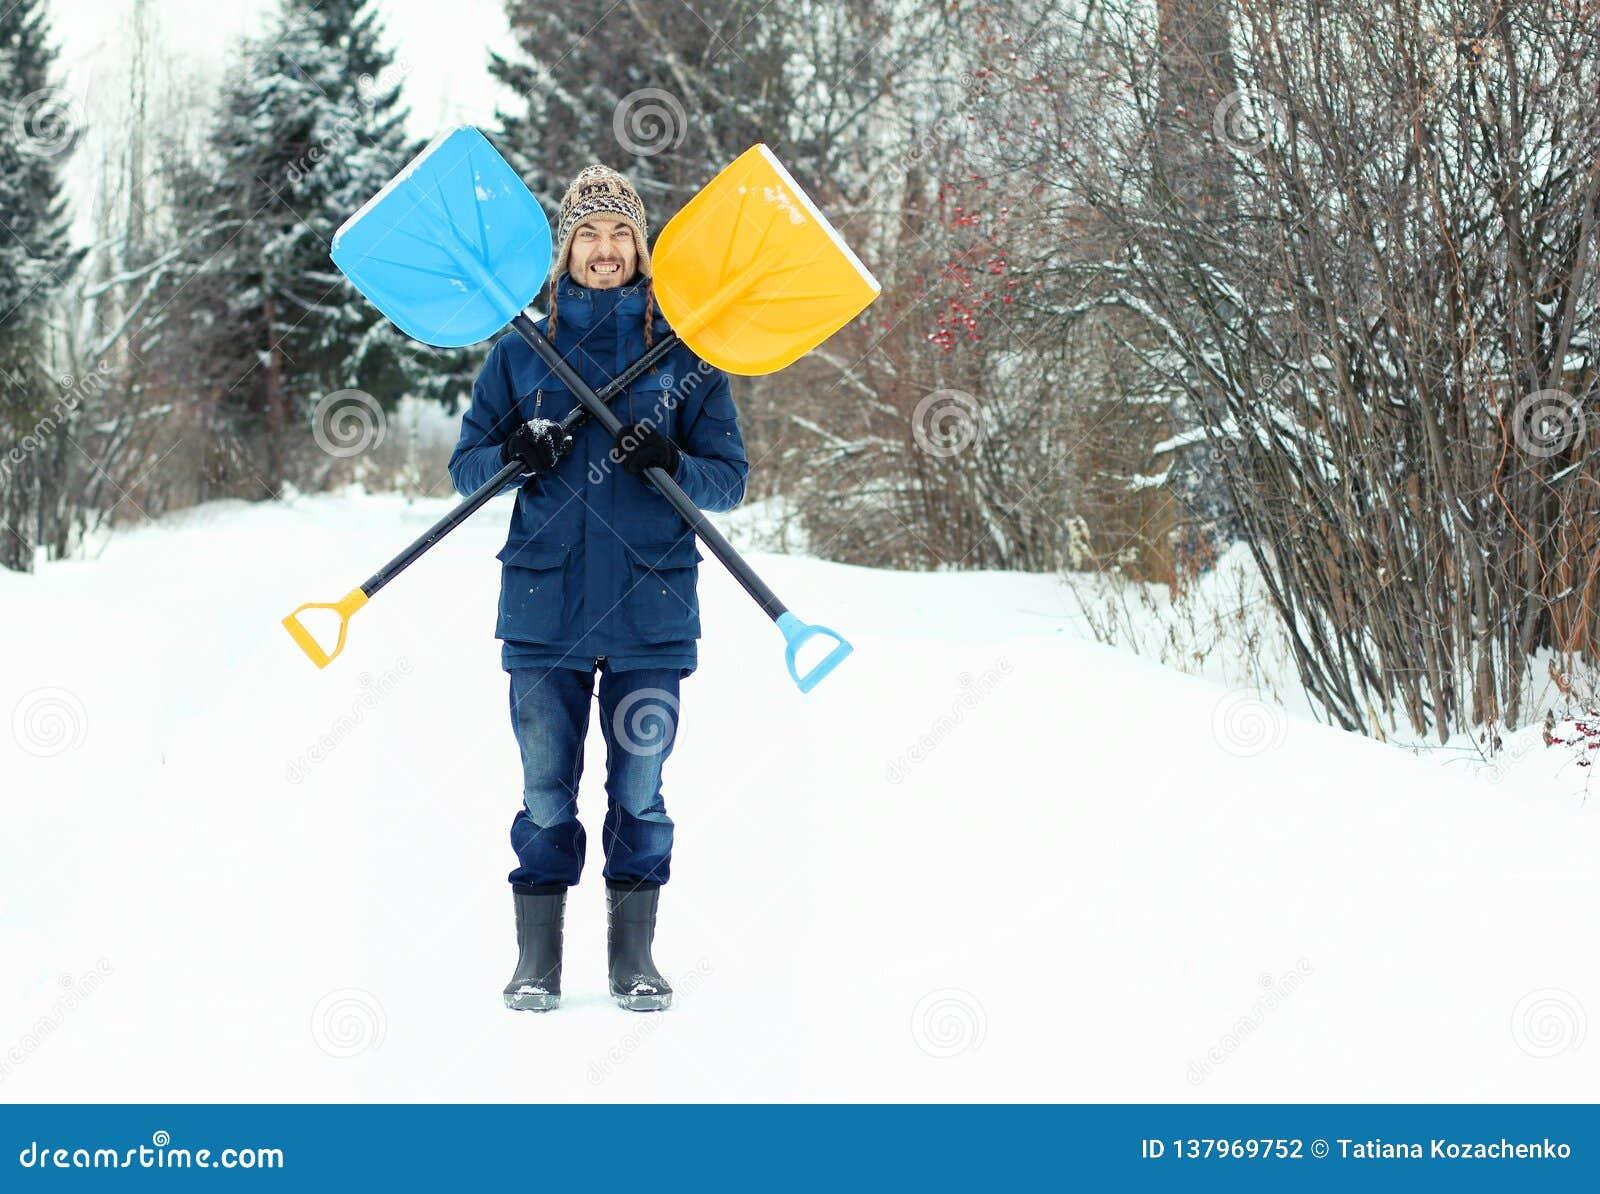 Смешной молодой человек держит 2 лопаткоулавливателя снега, формируя символ Веселого Роджера Концепция зимы сезонная